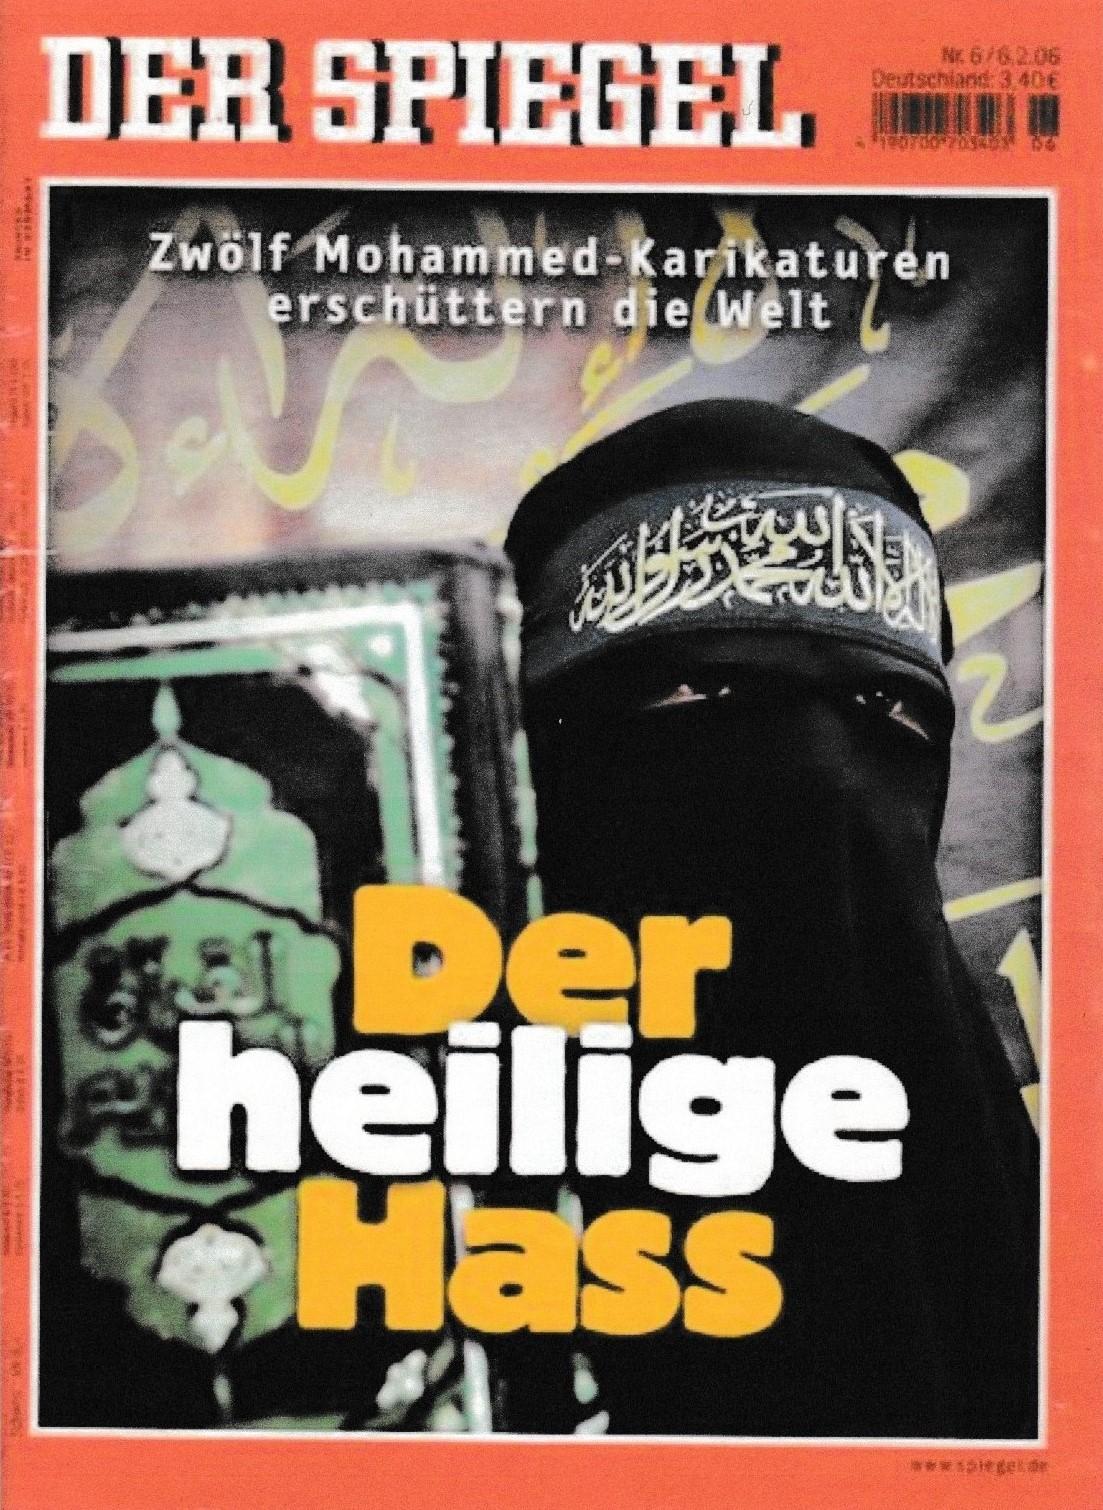 Copyright: DER SPIEGEL 06/2006